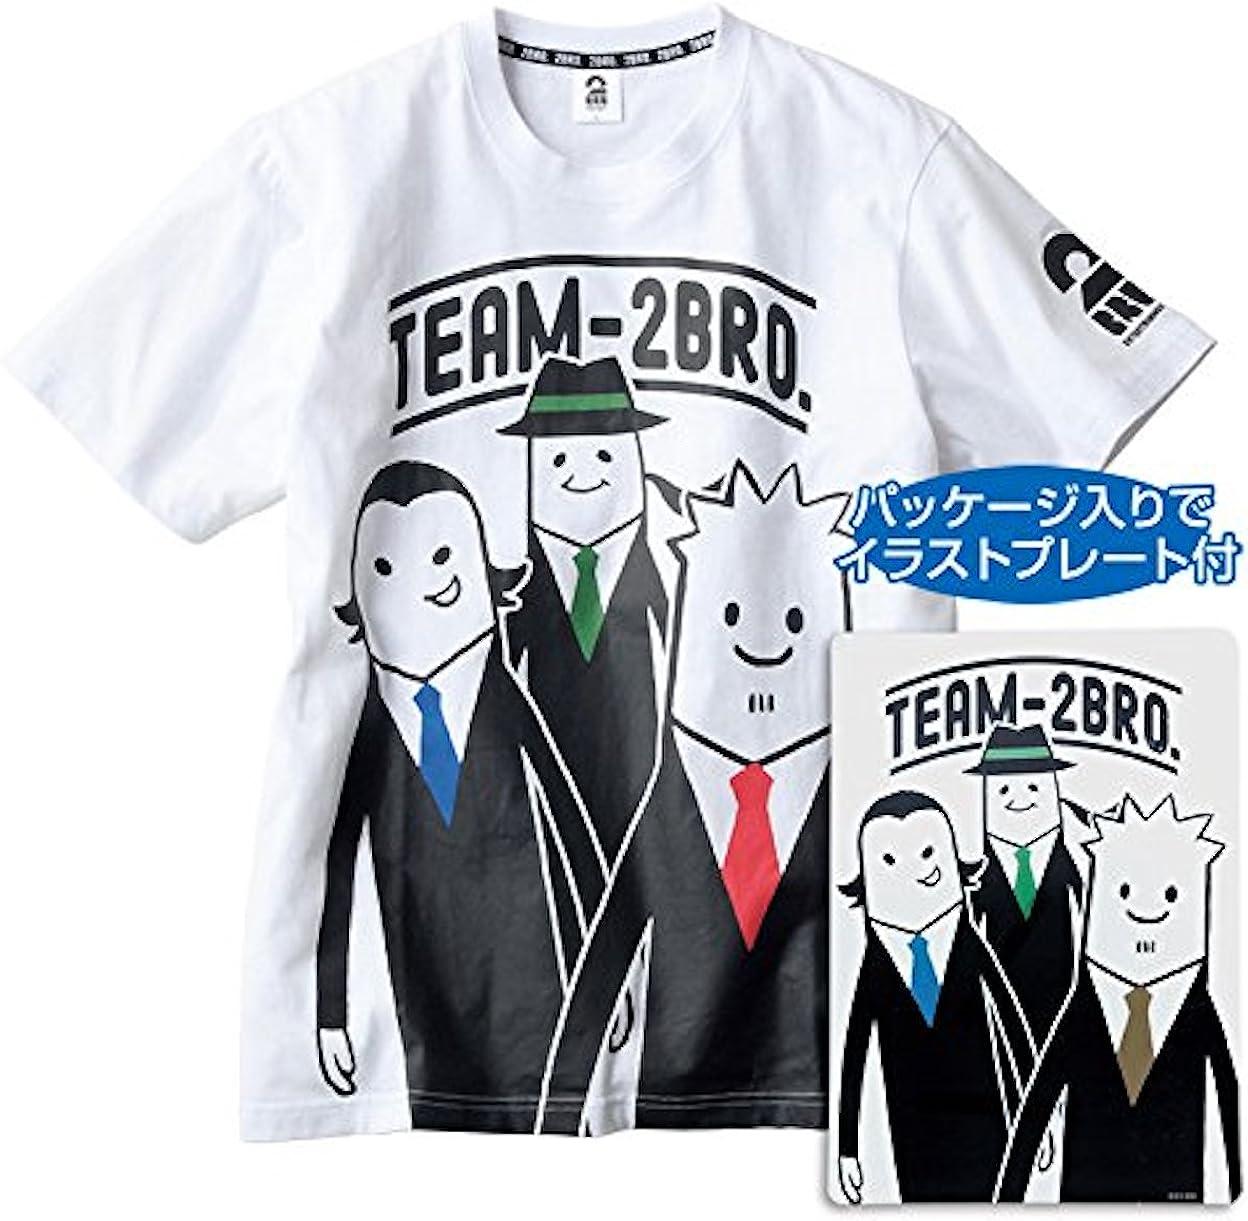 2BRO Tシャツホワイトしまむら(LLサイズメンズ)